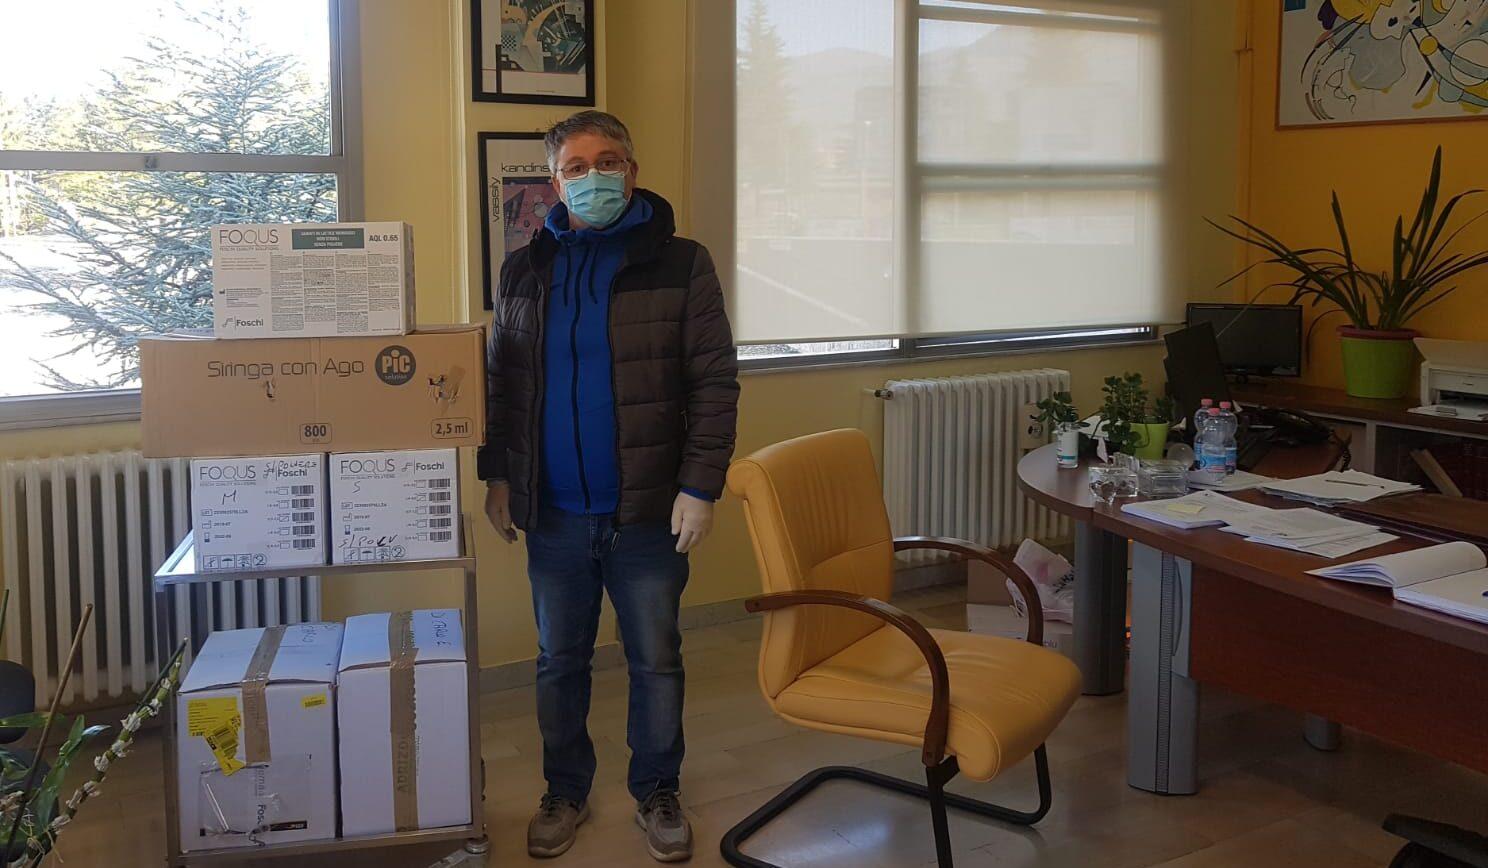 Il veterinario Ennio Di Carlo dona 10.000 guanti in lattice al Pronto Soccorso di Avezzano